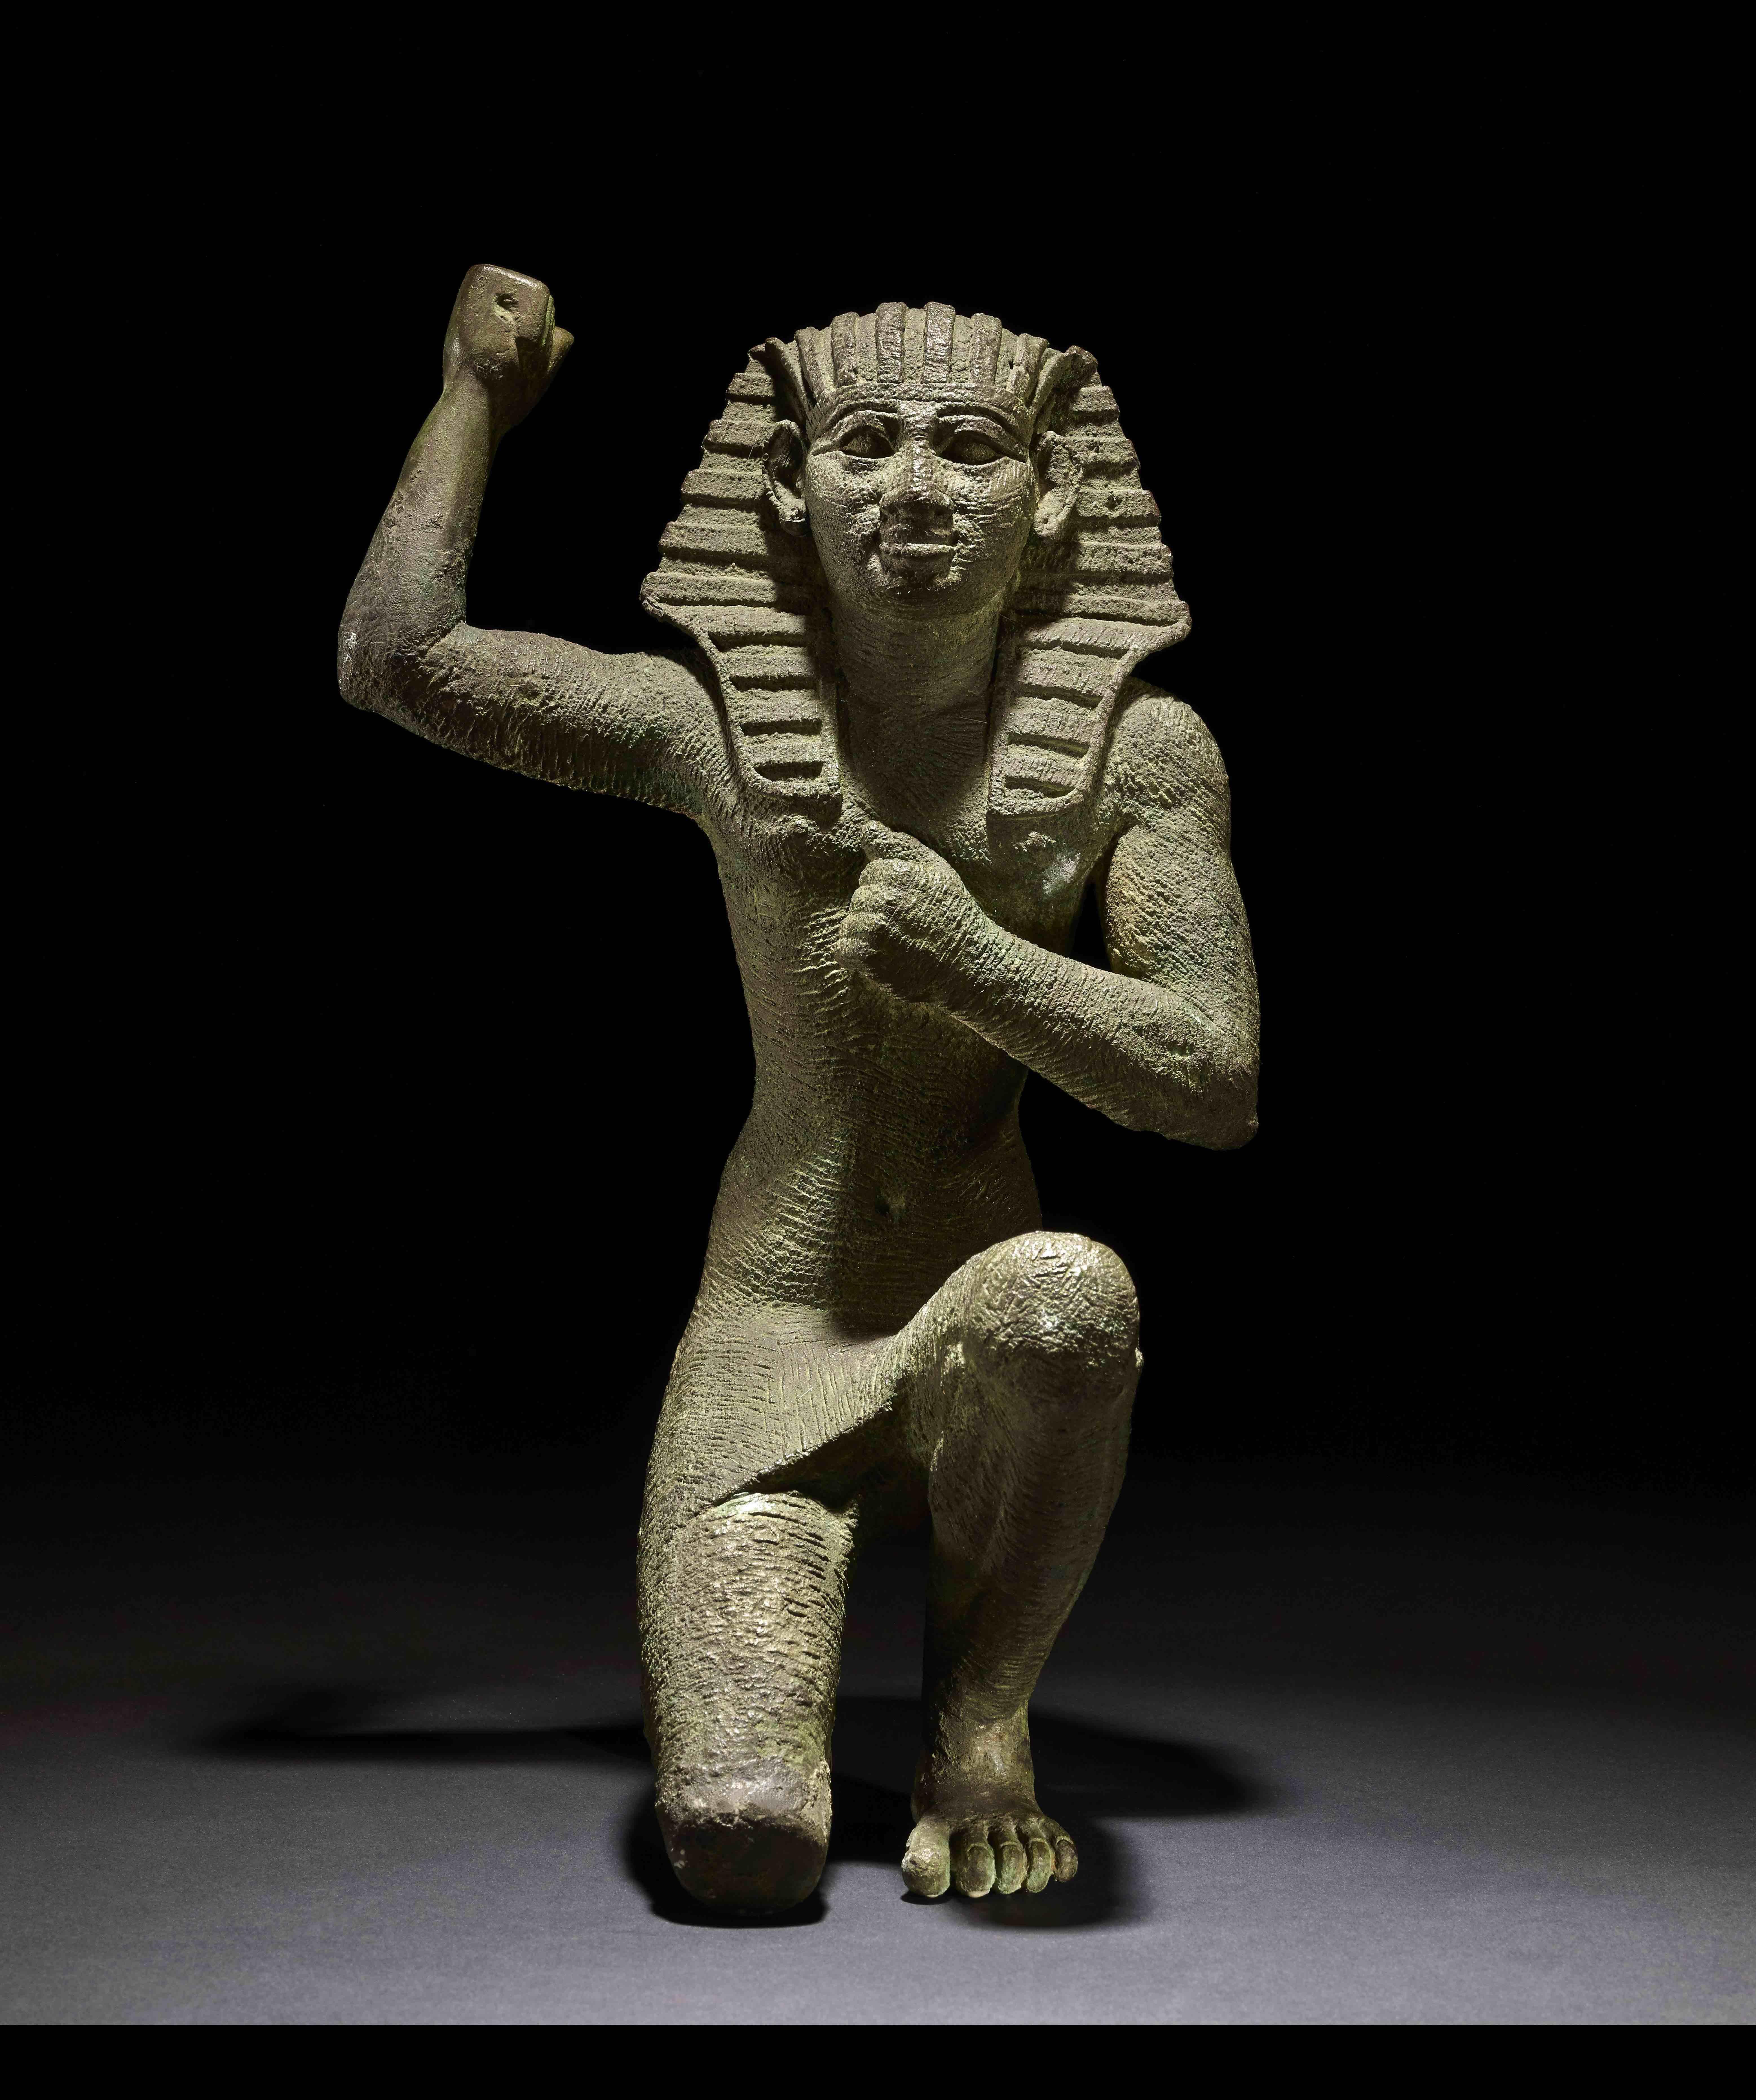 estatuilla-en-actitud-de-jubilo-bronce-c-664-332-a-c-egipto-c-trustees-of-the-british-museum